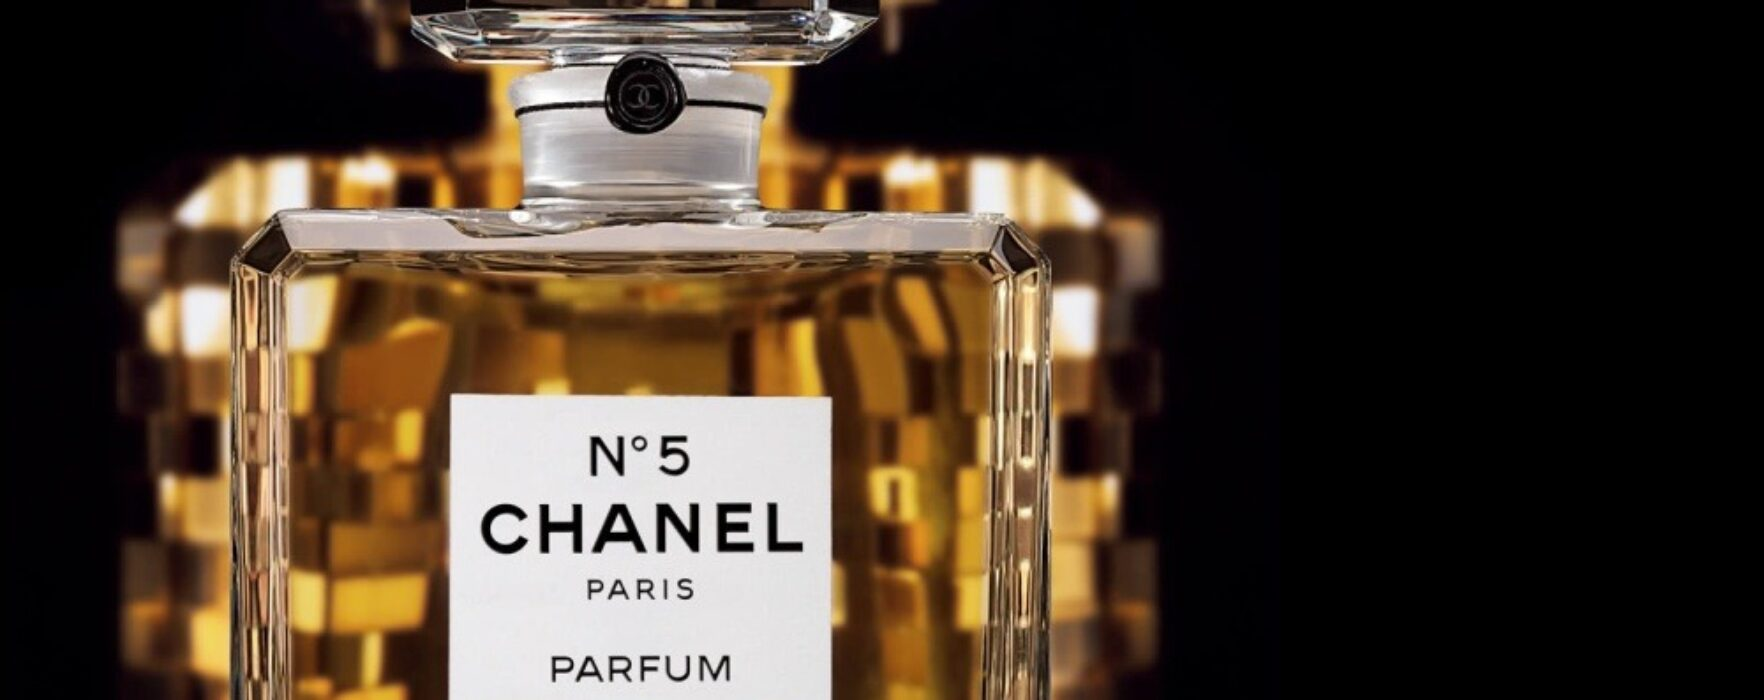 Chanel și Dior ar putea să modifice compoziția parfumurilor, ca urmare a unor reglementări europene